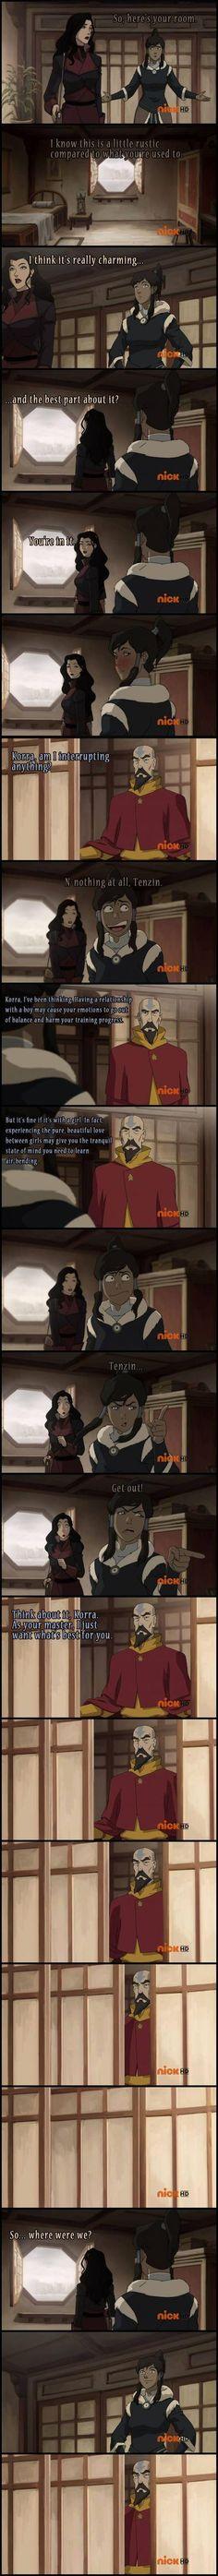 Even Tenzin ships it